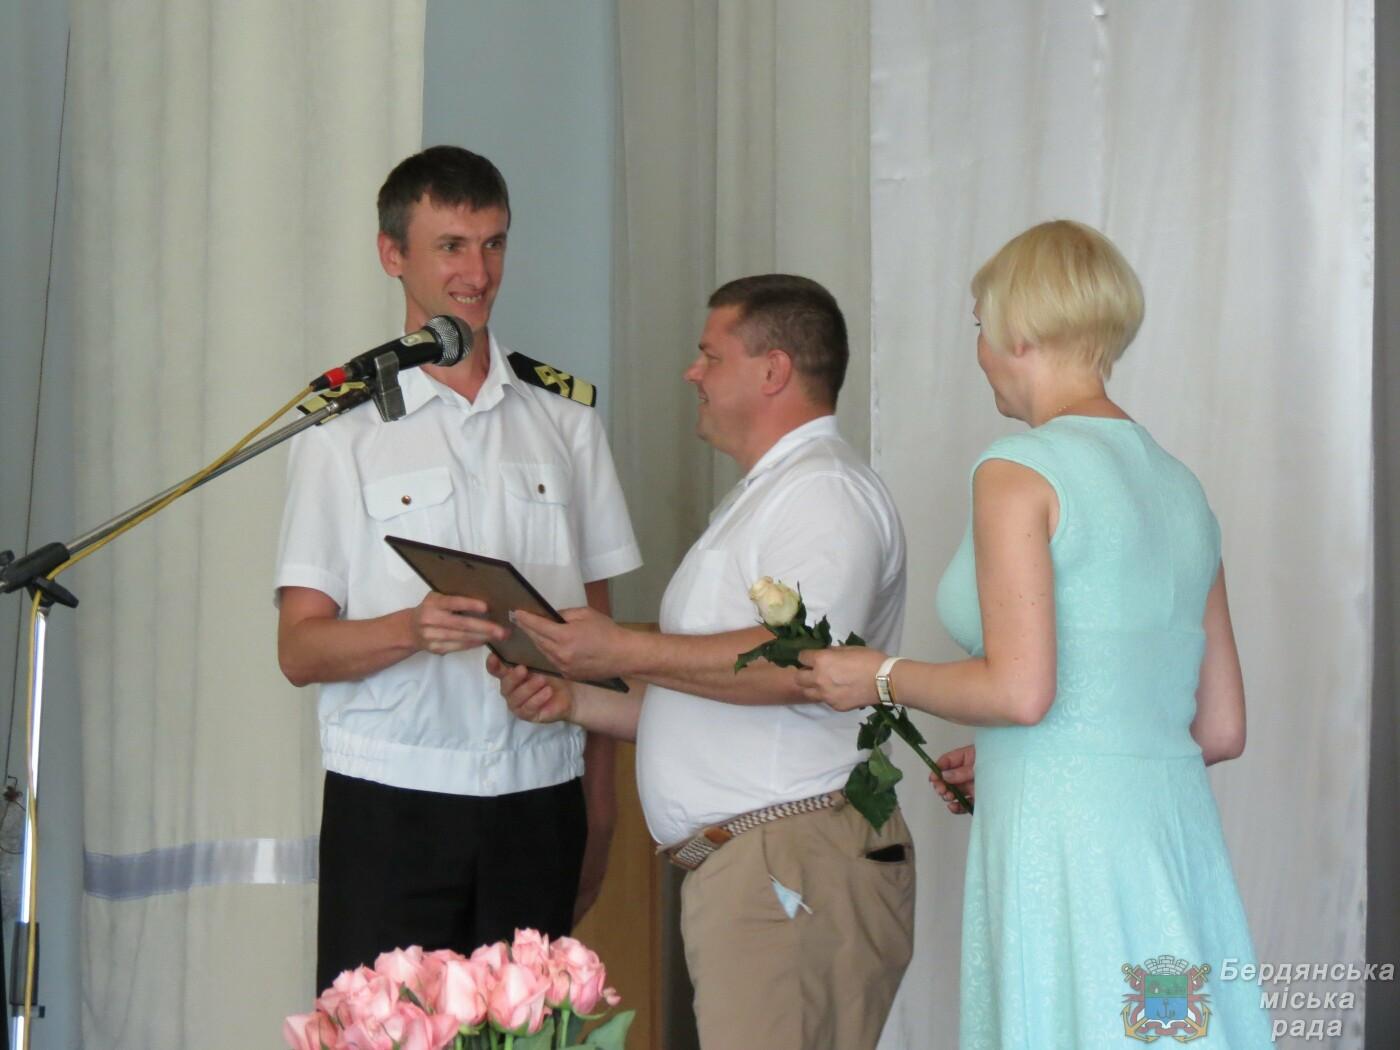 Работники Бердянского порта отмечают свой профессиональный праздник и 190 лет предприятию, фото-7